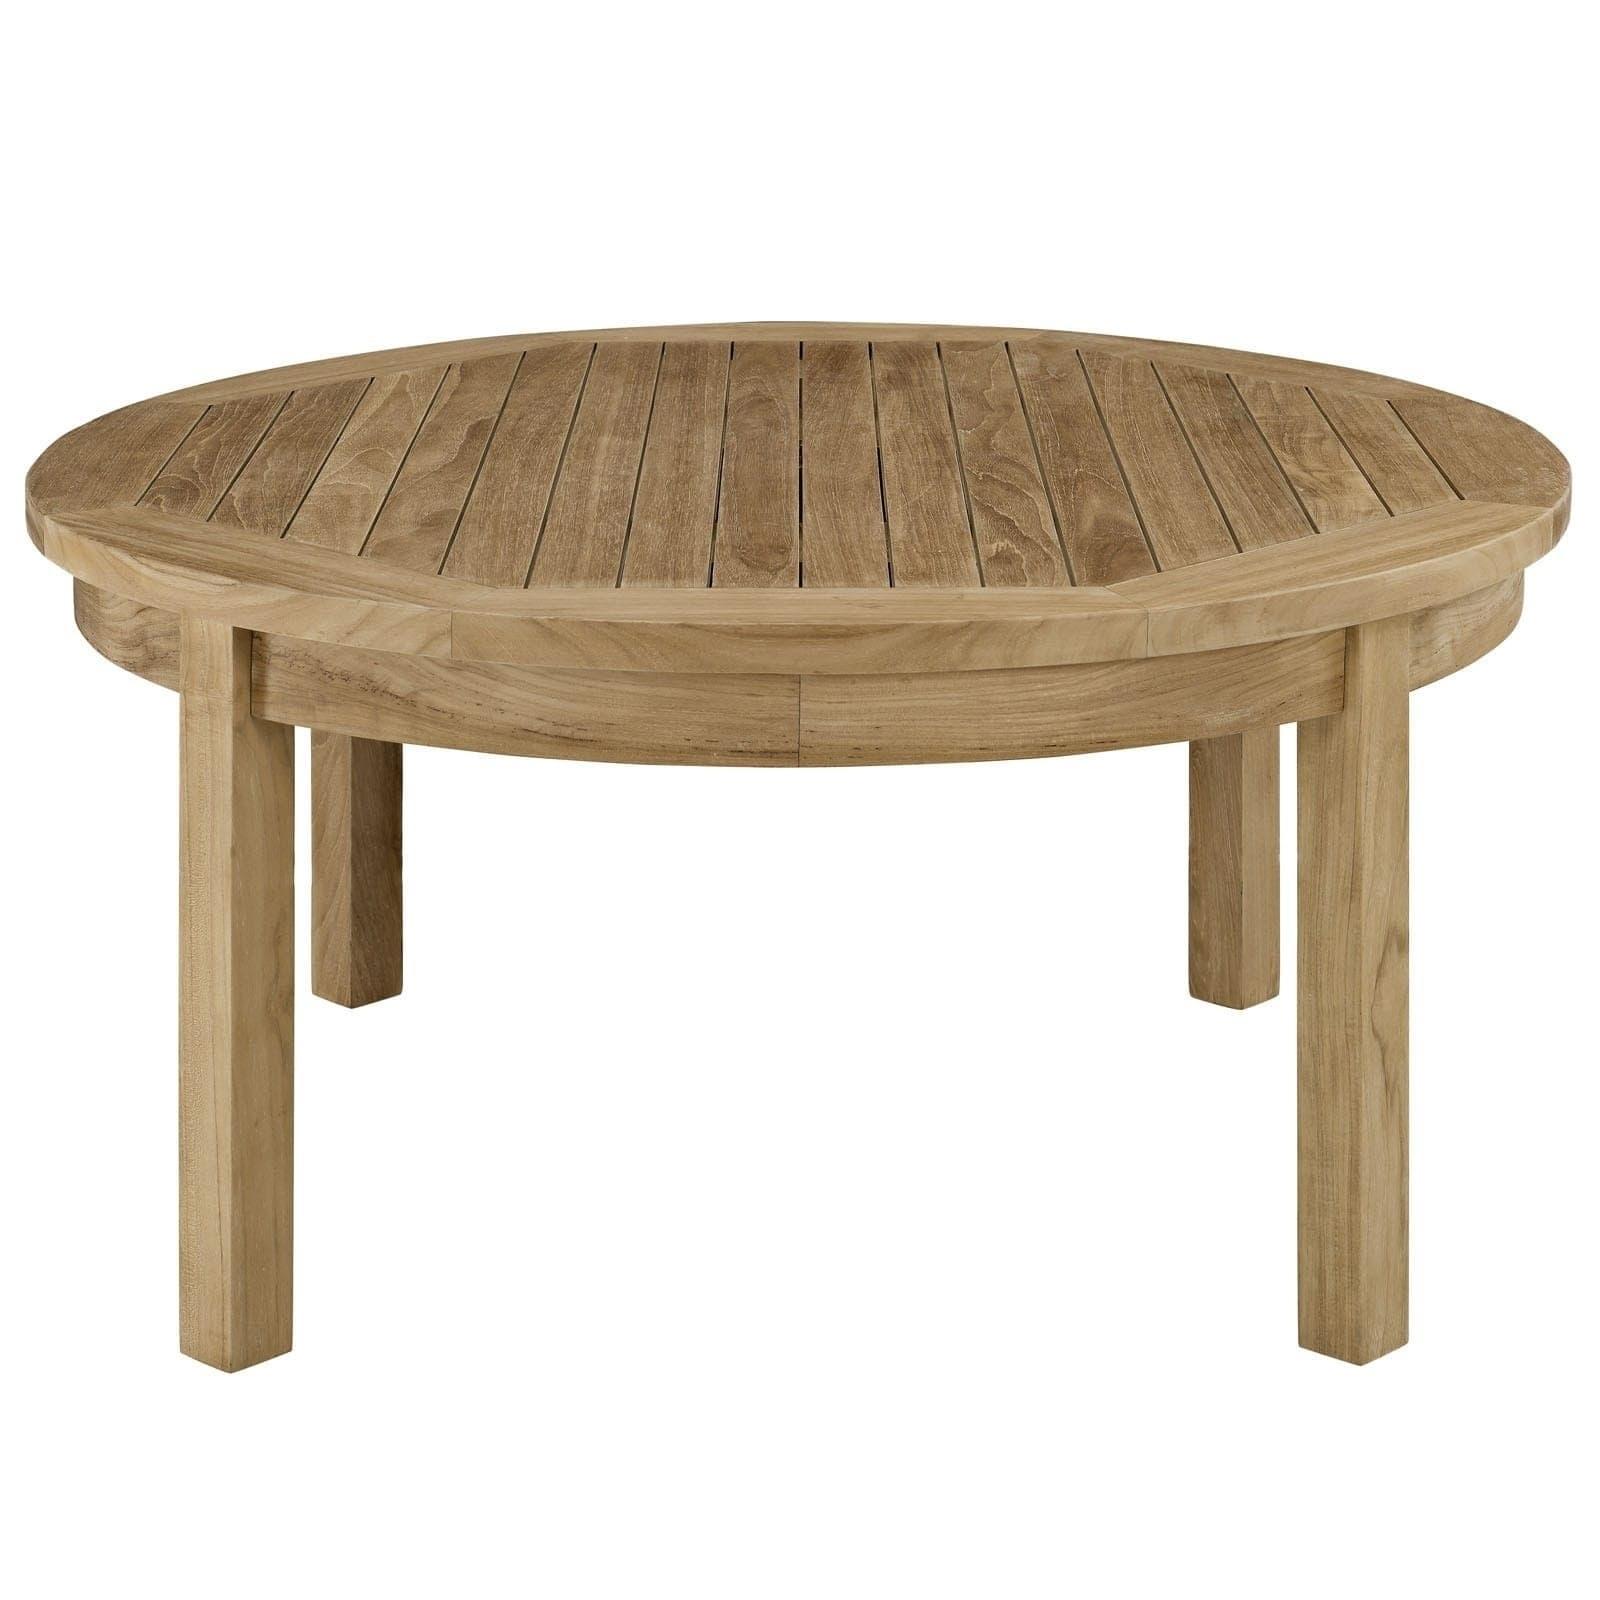 Shop Oliver & James Detaille Outdoor Round Teak Coffee Table - On throughout Round Teak Coffee Tables (Image 23 of 30)